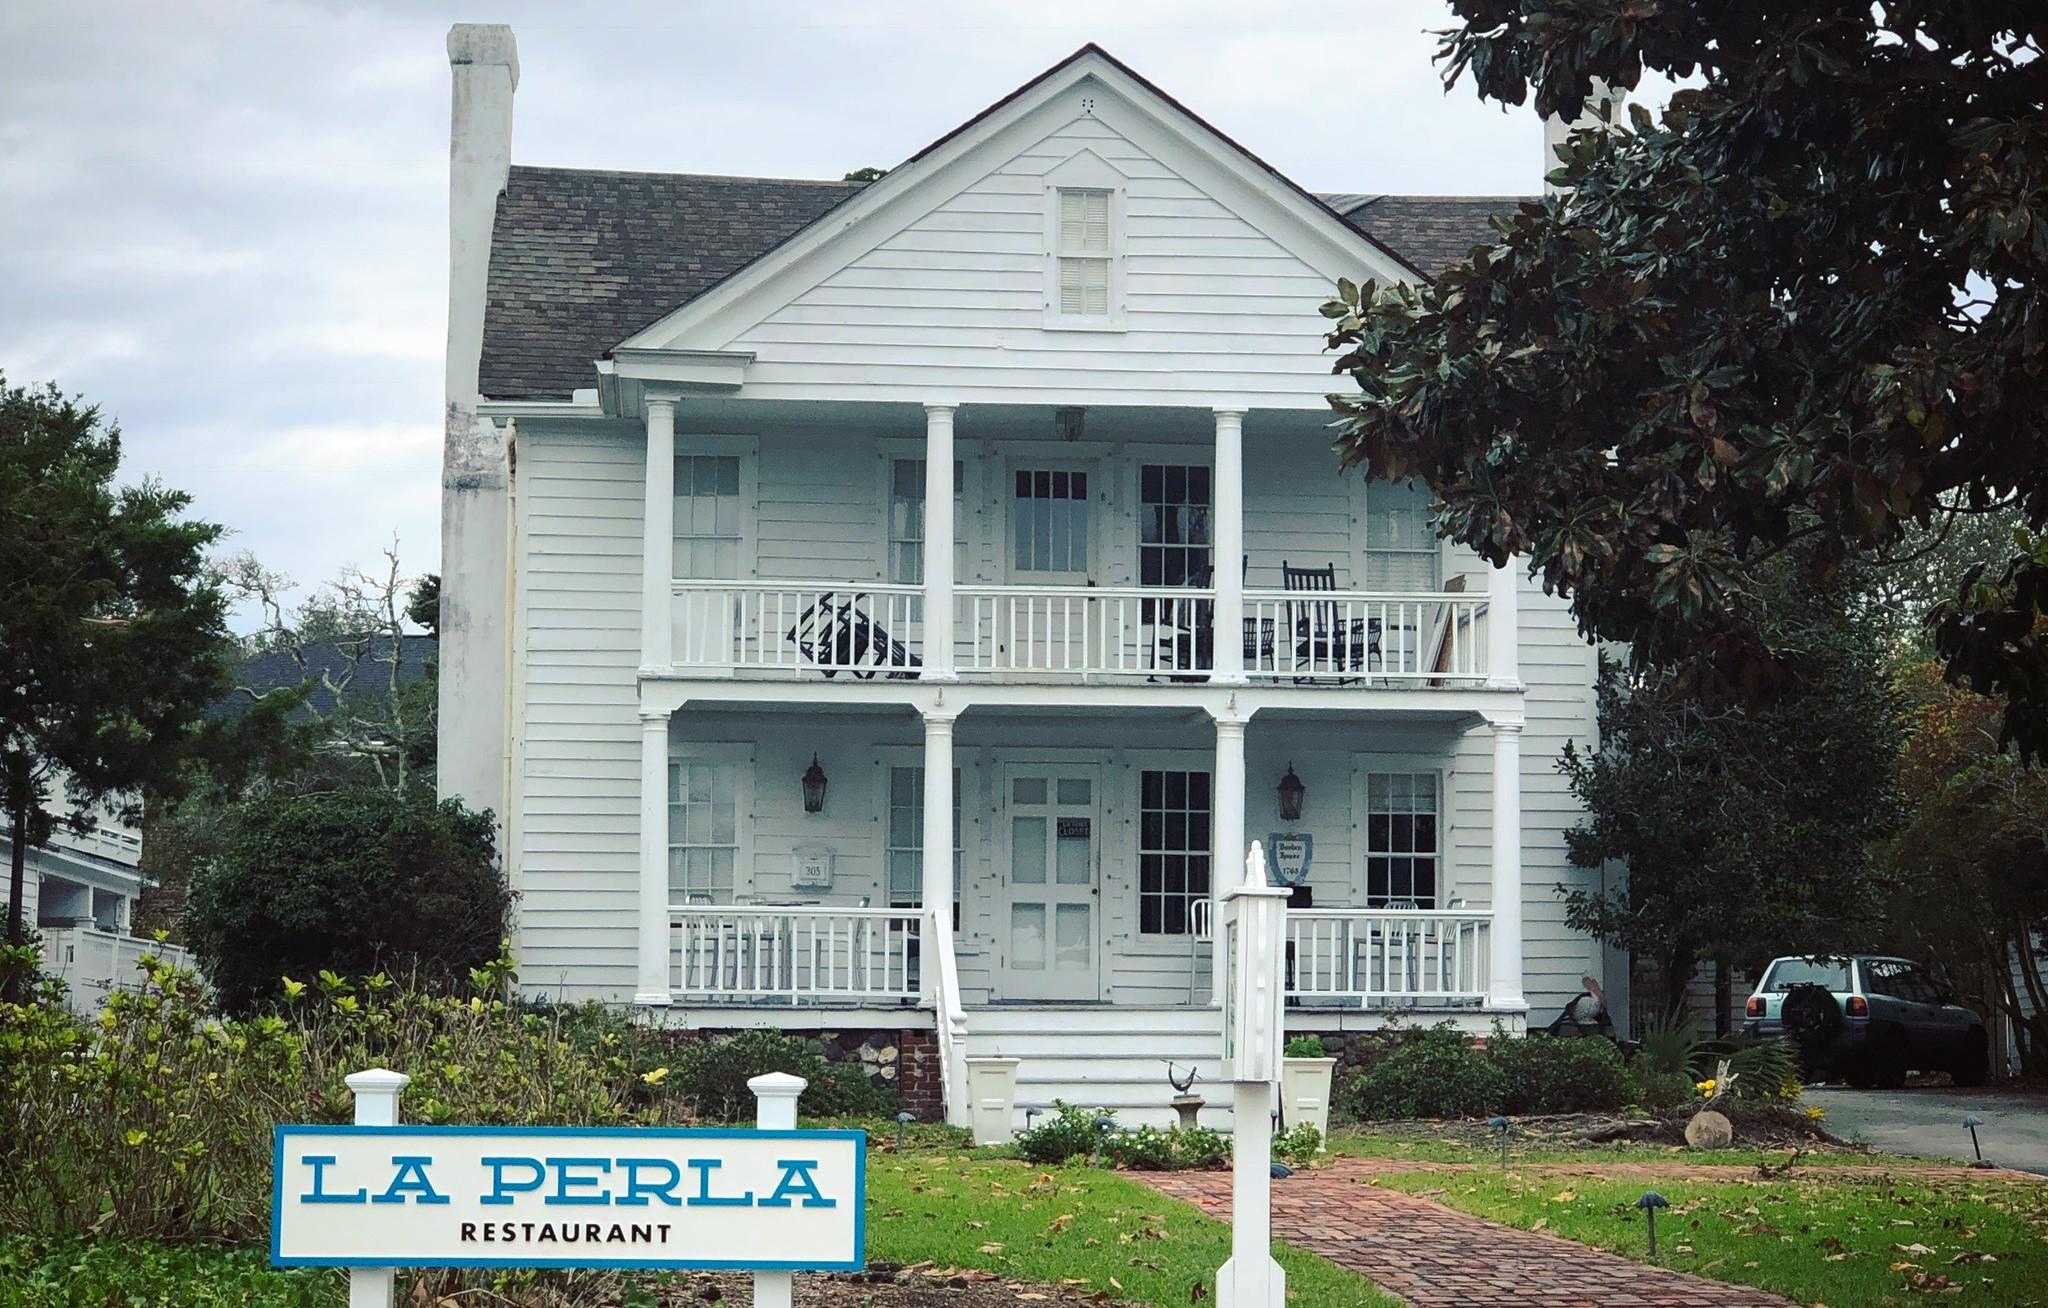 La Perla Restaurant in historic Beaufort